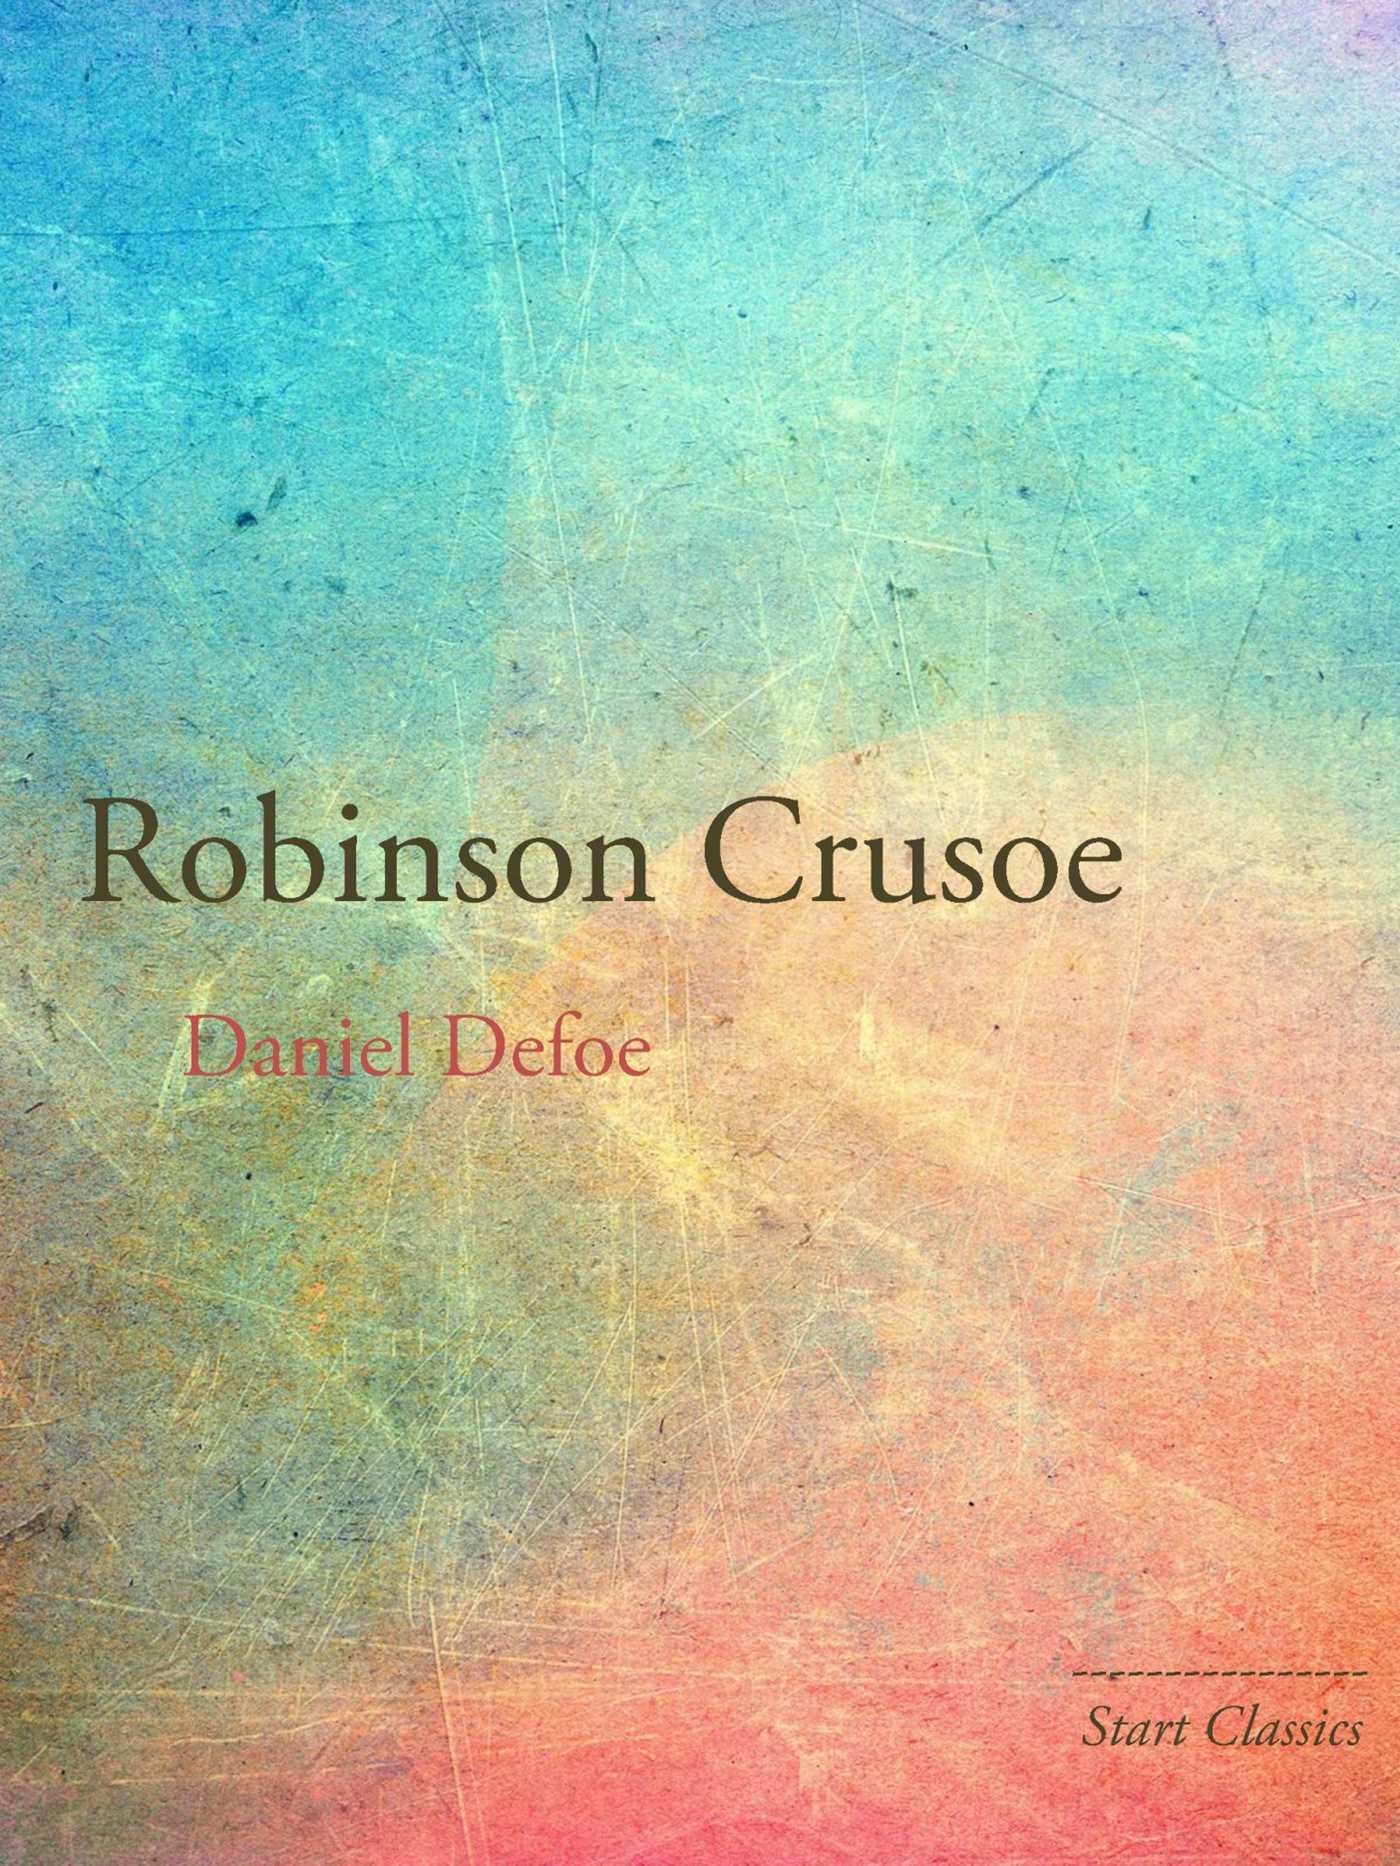 Robinson crusoe 9781627937535 hr